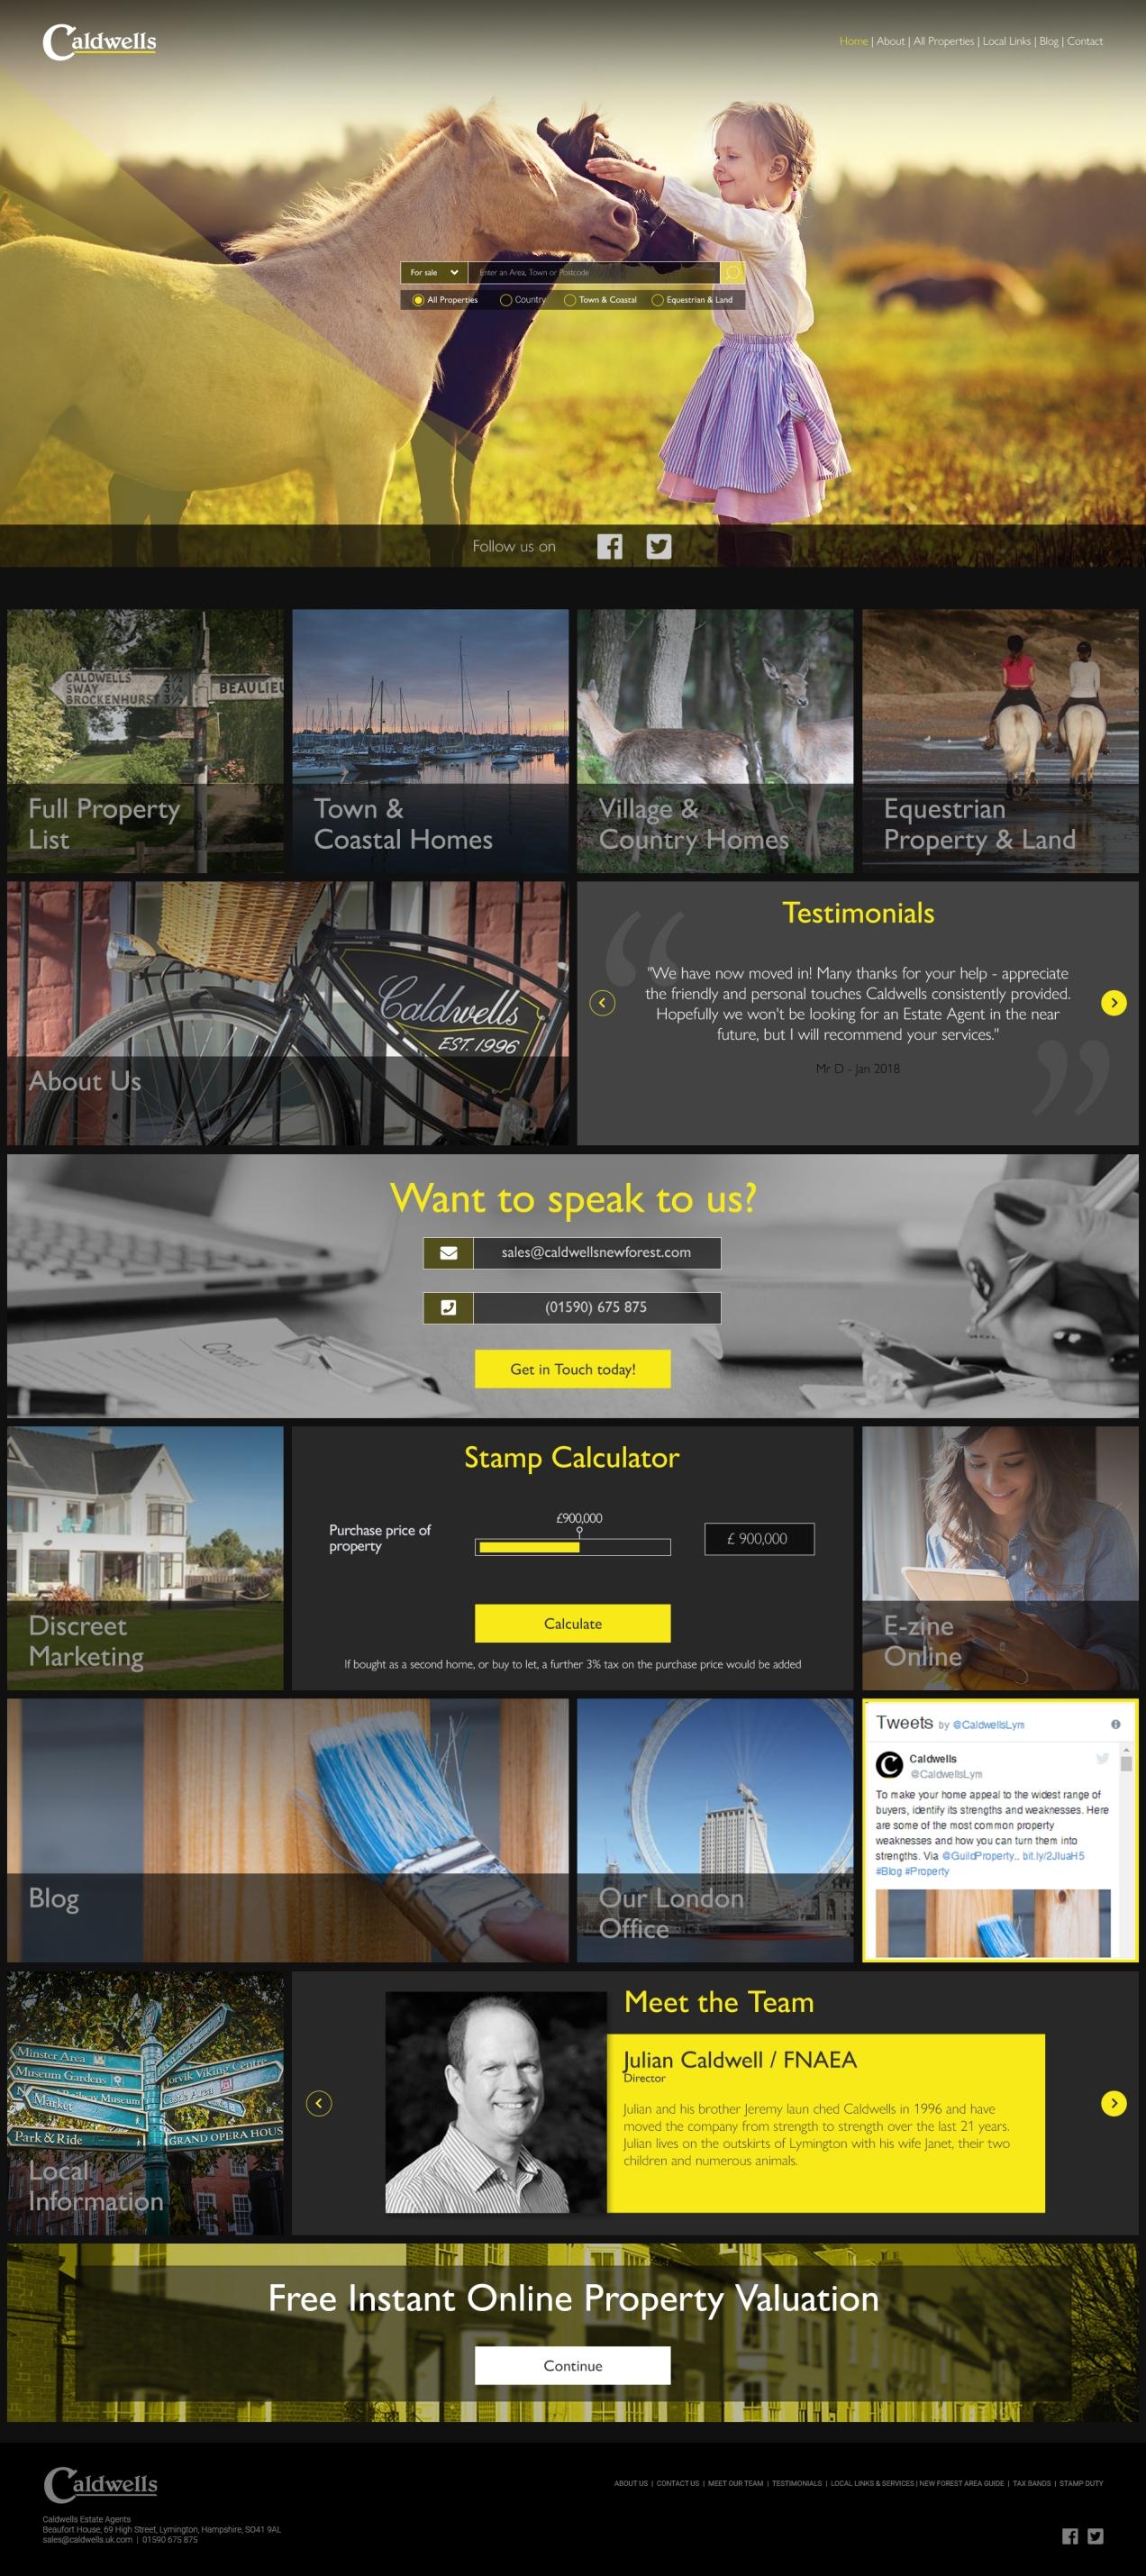 Caldwells_homepage_V6